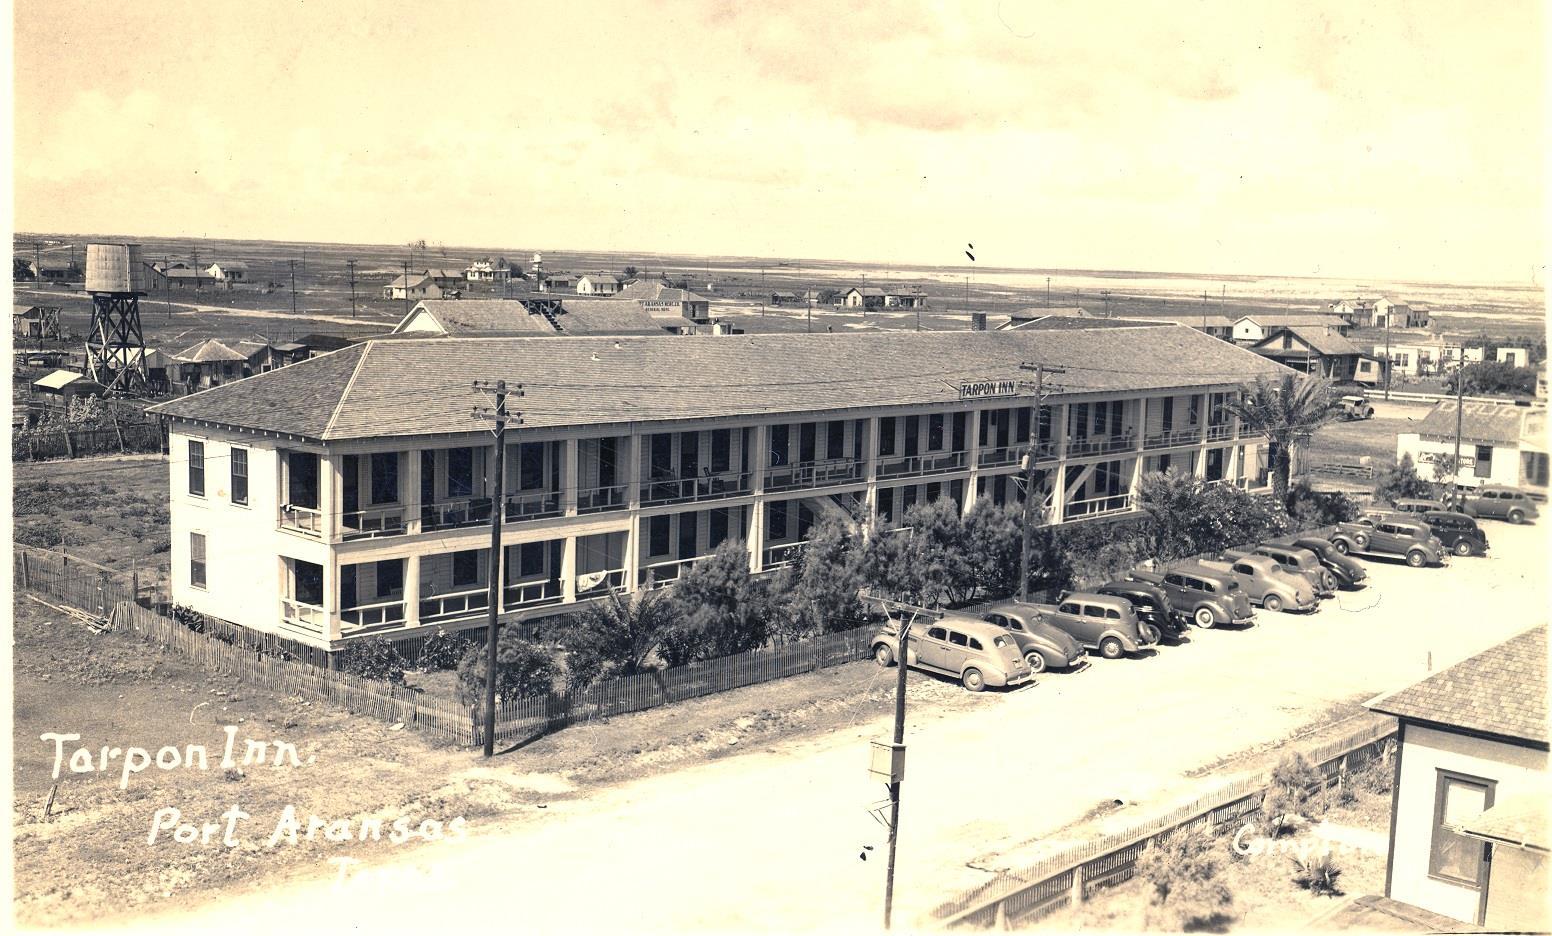 The Tarpon Inn in 1938 | www.portaransastex.com